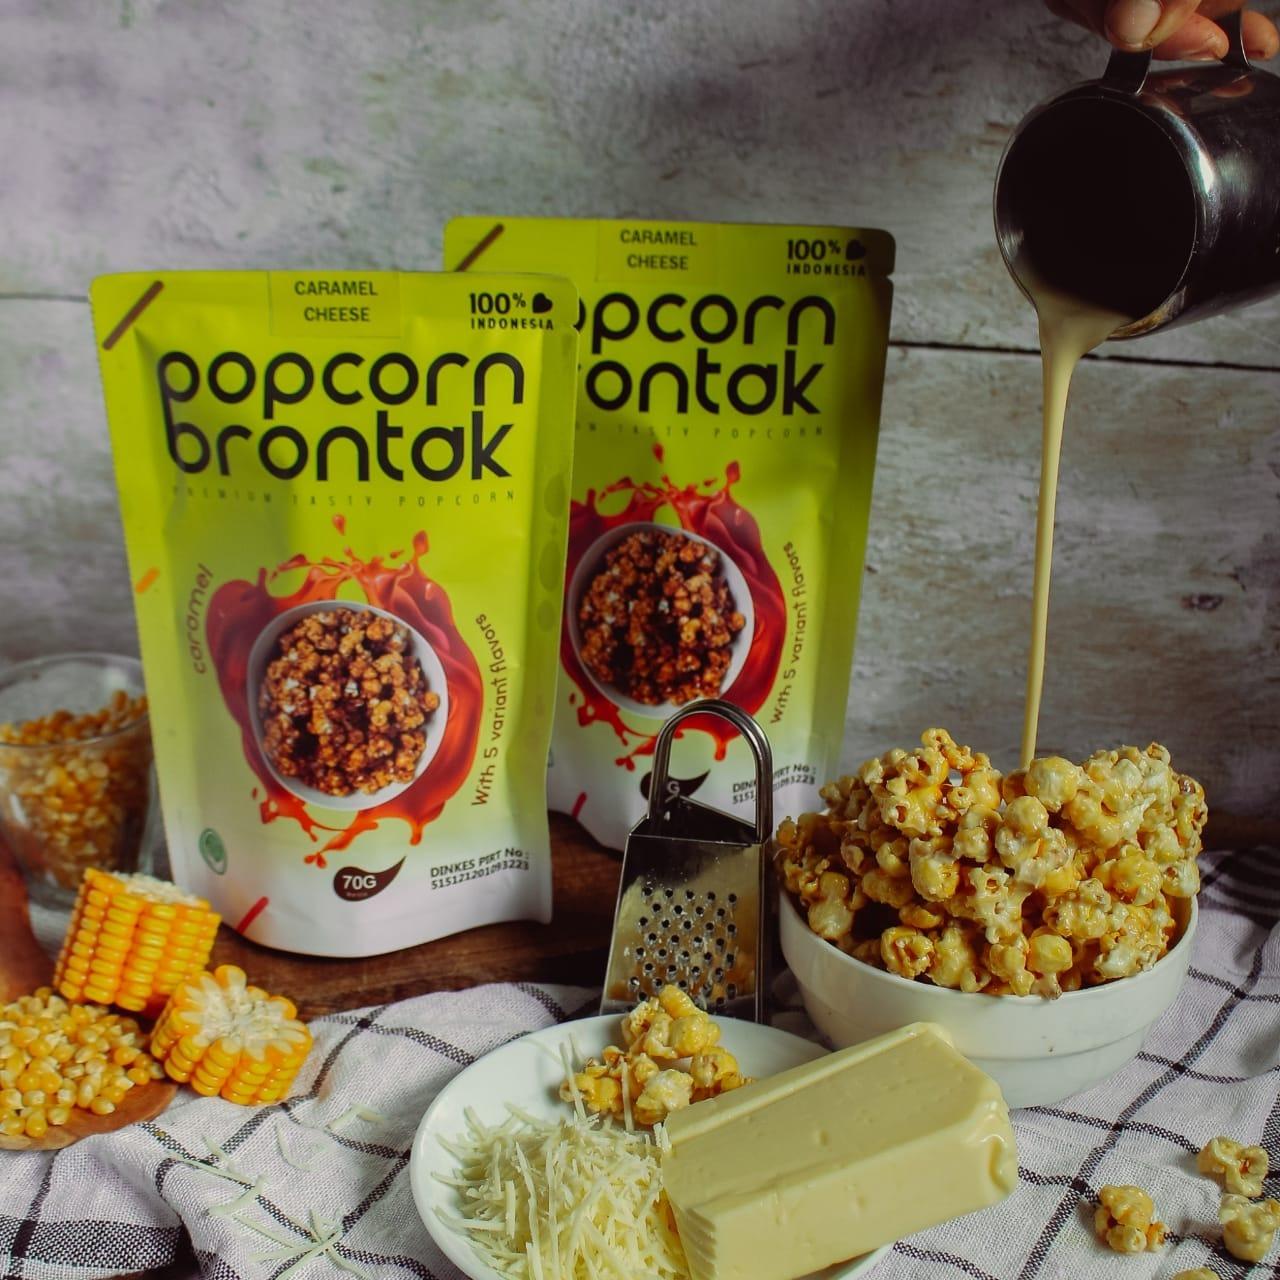 Popcorn Brontak